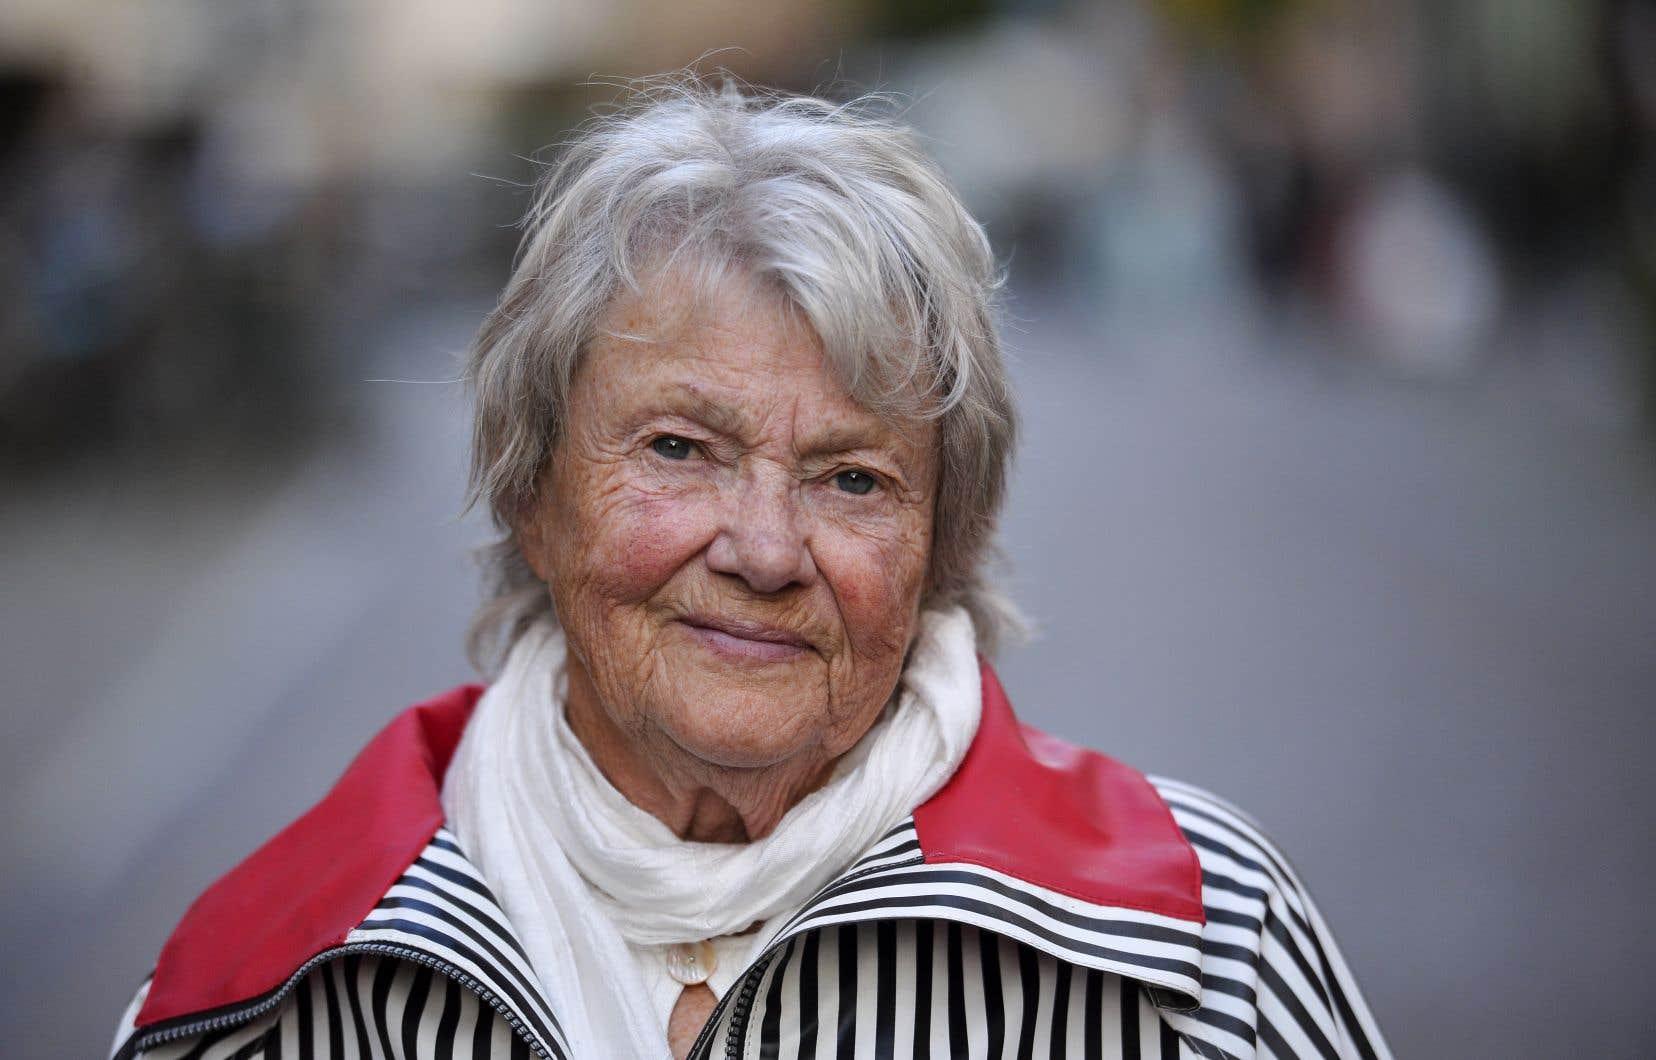 Avec son mari, Maj Sjöwall a créé le personnage récurrent de l'inspecteur Martin Beck et de son équipe d'enquêteurs à Stockholm, qui à travers ses enquêtes peint un tableau sans concessions de la société suédoise.